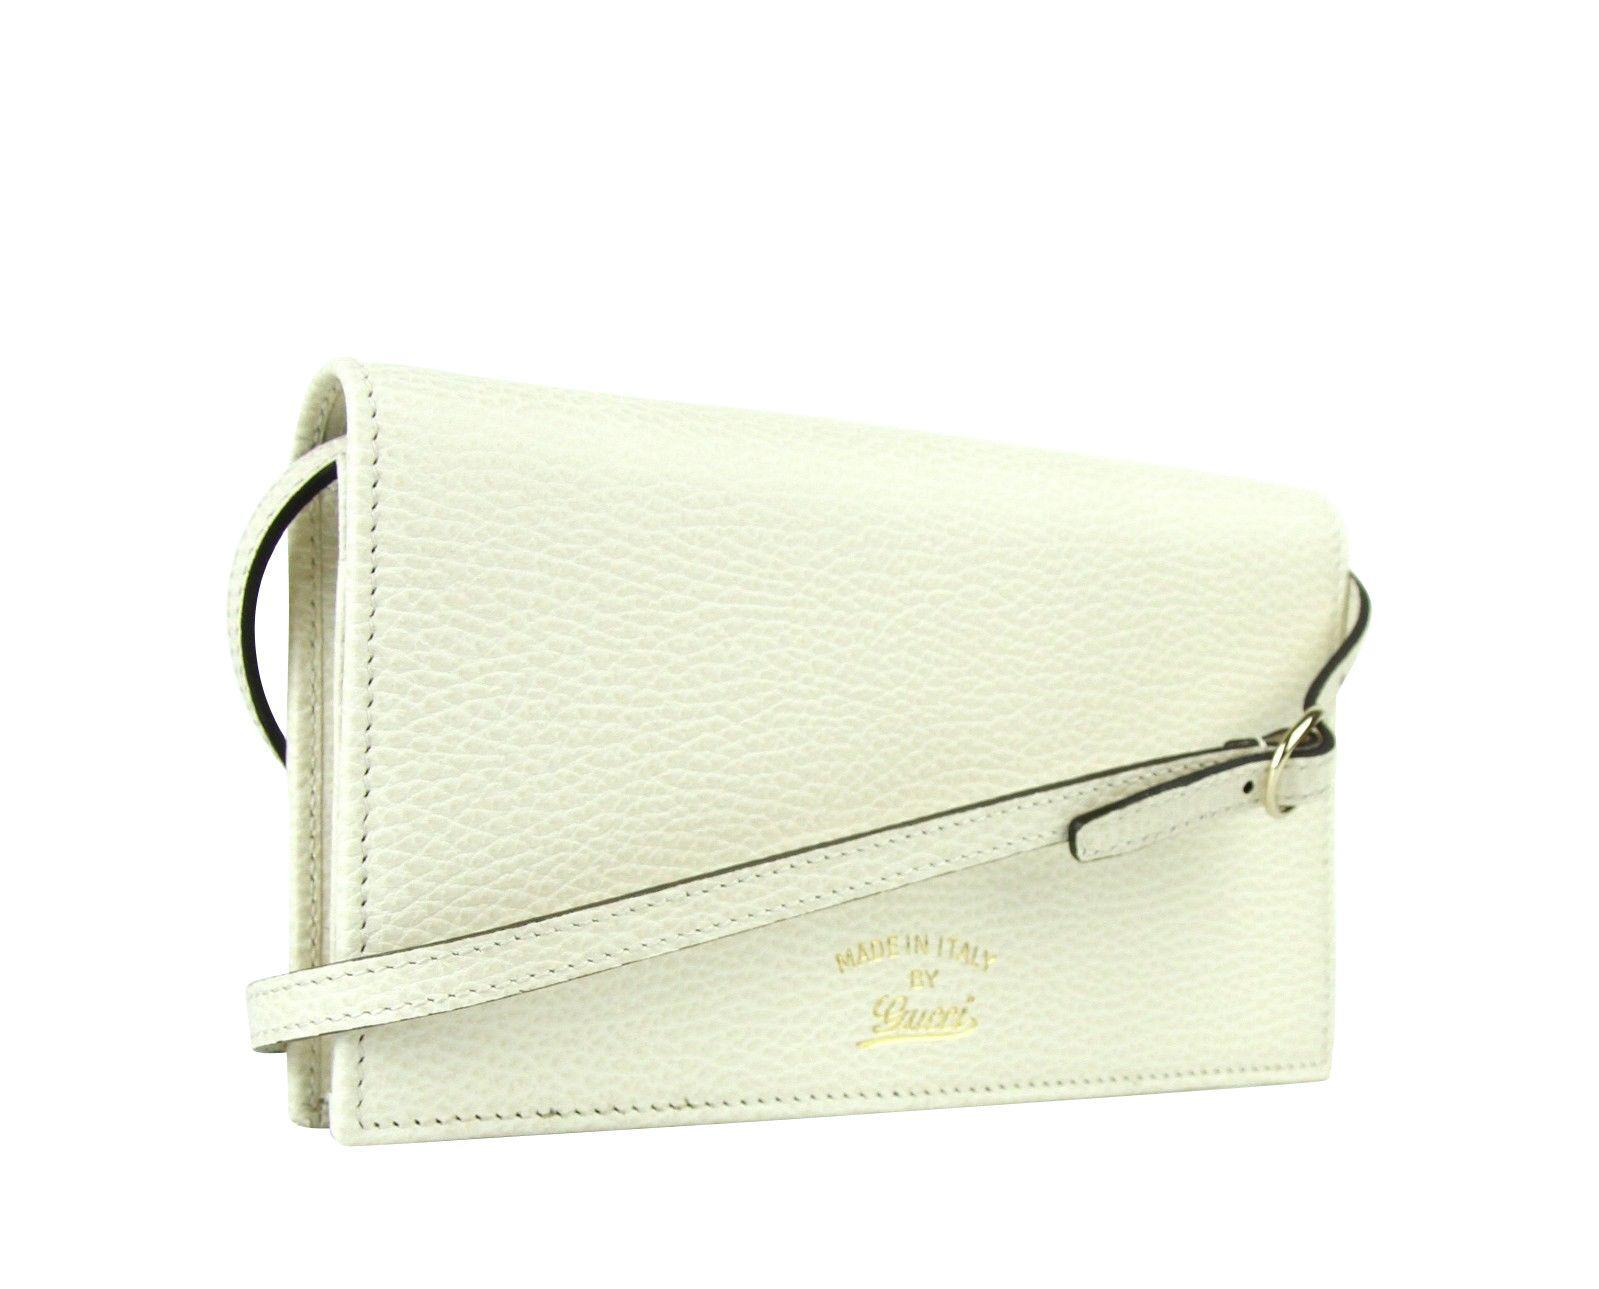 338cb47b7aeb4 Gucci - Swing Creamy White Leather Crossbody Clutch Wallet 368231 9022 -  Lyst. View fullscreen